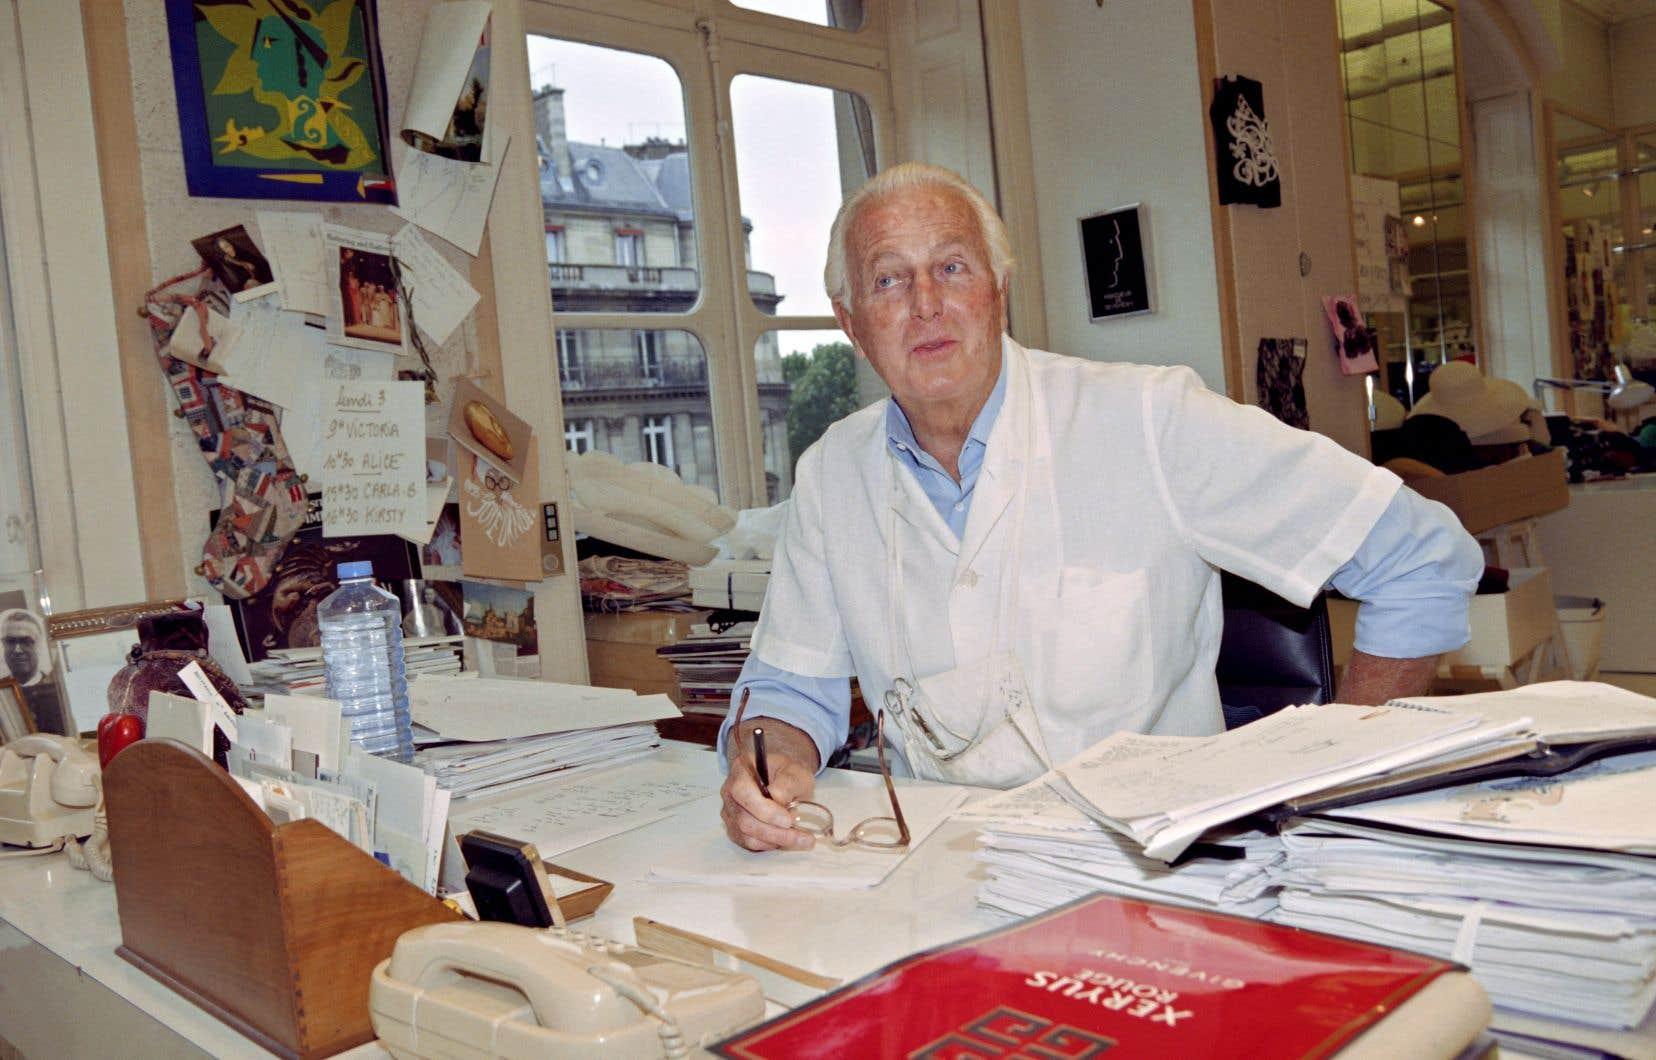 Hubert de Givenchy prend la pose dans son atelier parisien quelques mois avant sa retraite, en 1995.